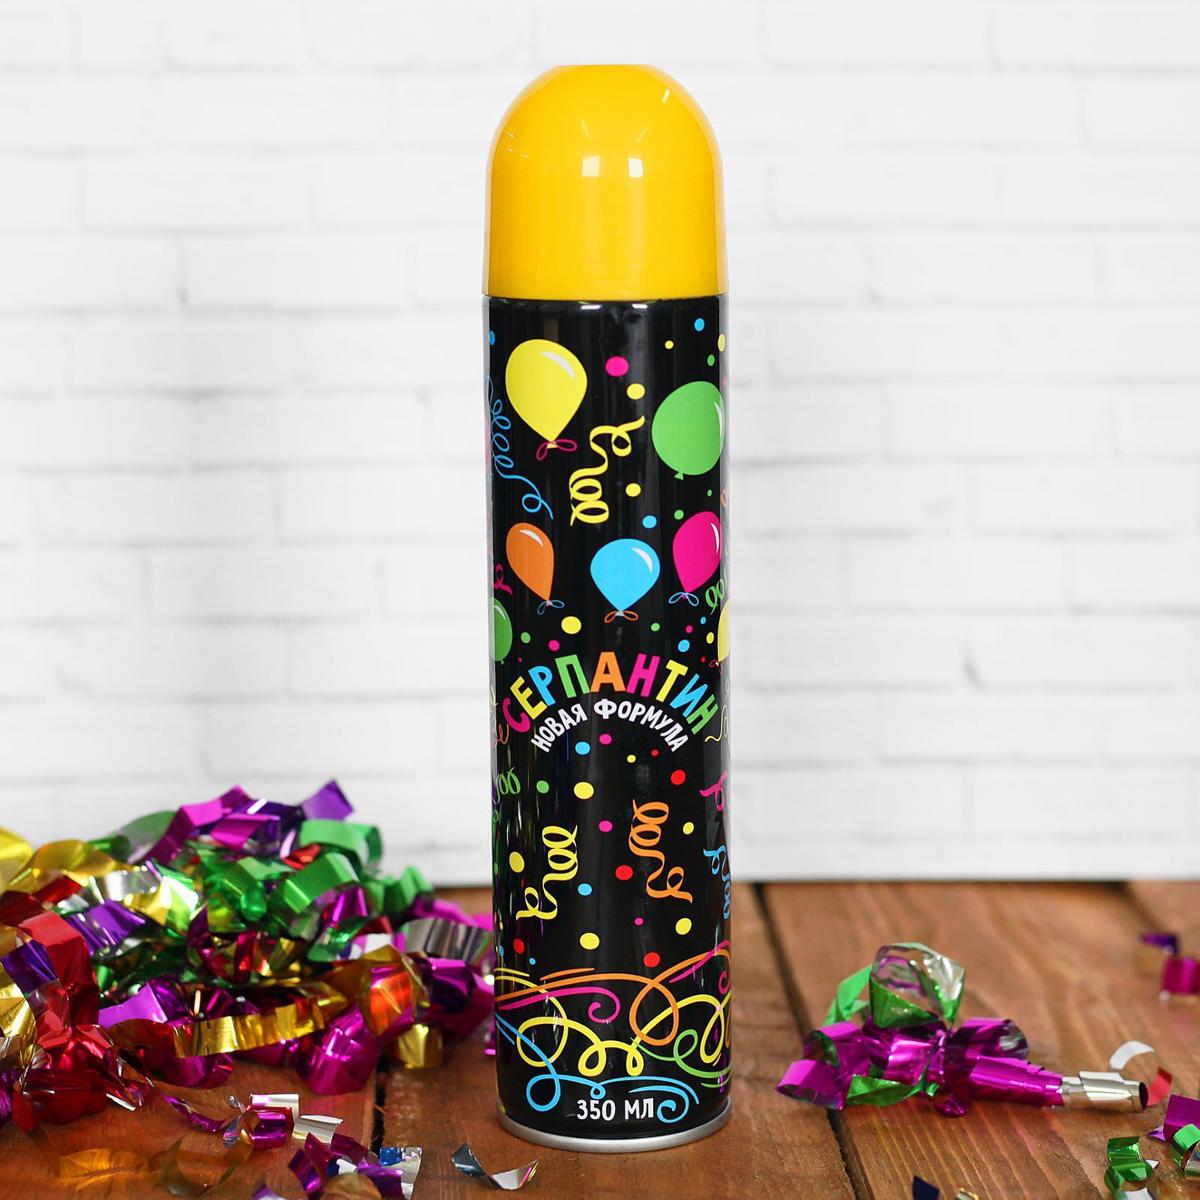 Спрей Серпантин, цвет: желтый, 350 мл2358591Невозможно представить нашу жизнь без праздников! Мы всегда ждем их и предвкушаем, обдумываем, как проведем памятный день, тщательно выбираем подарки и аксессуары, ведь именно они создают и поддерживают торжественный настрой. Новогодние аксессуары - это отличный выбор, который привнесет атмосферу праздника в ваш дом! Серпантин можно использовать на городских карнавалах, тематических вечеринках и праздниках. Чтобы получить длинную нить серпантина, необходимо просто нажать на разбрызгиватель. Его желательно направлять вверх, а не в лицо человеку.